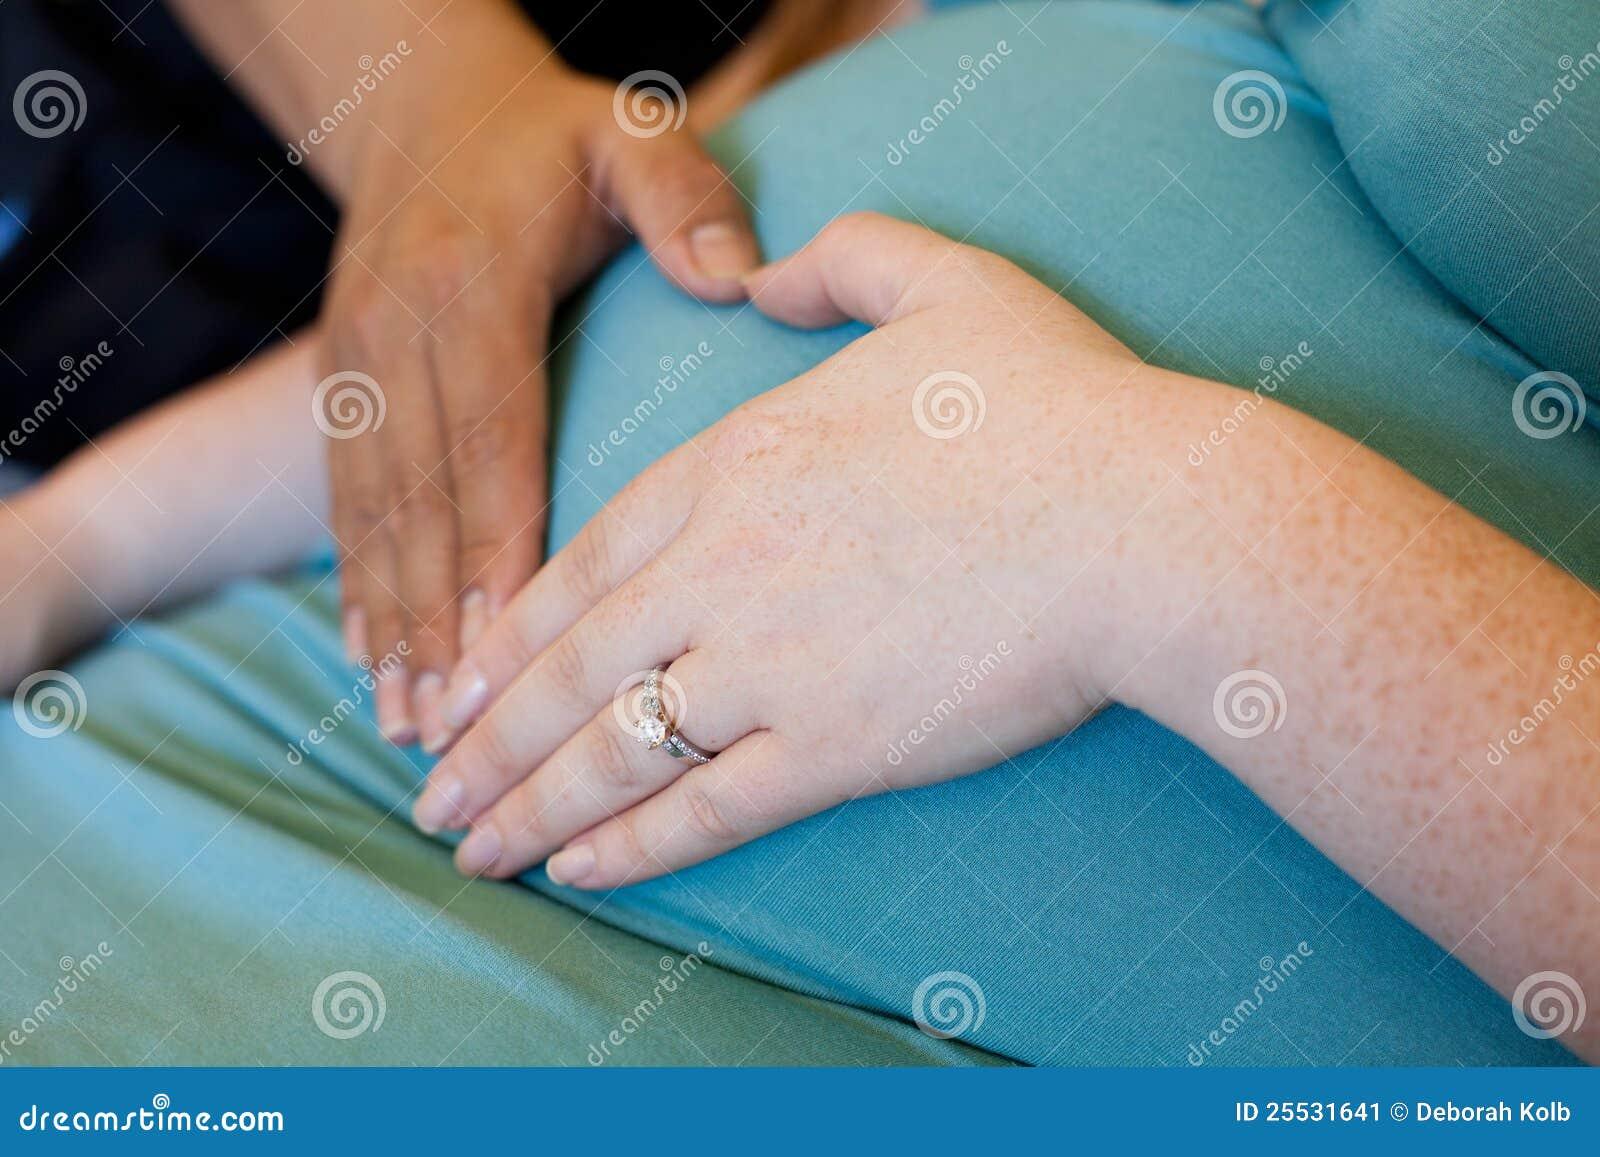 Выделения водянистые во время беременности